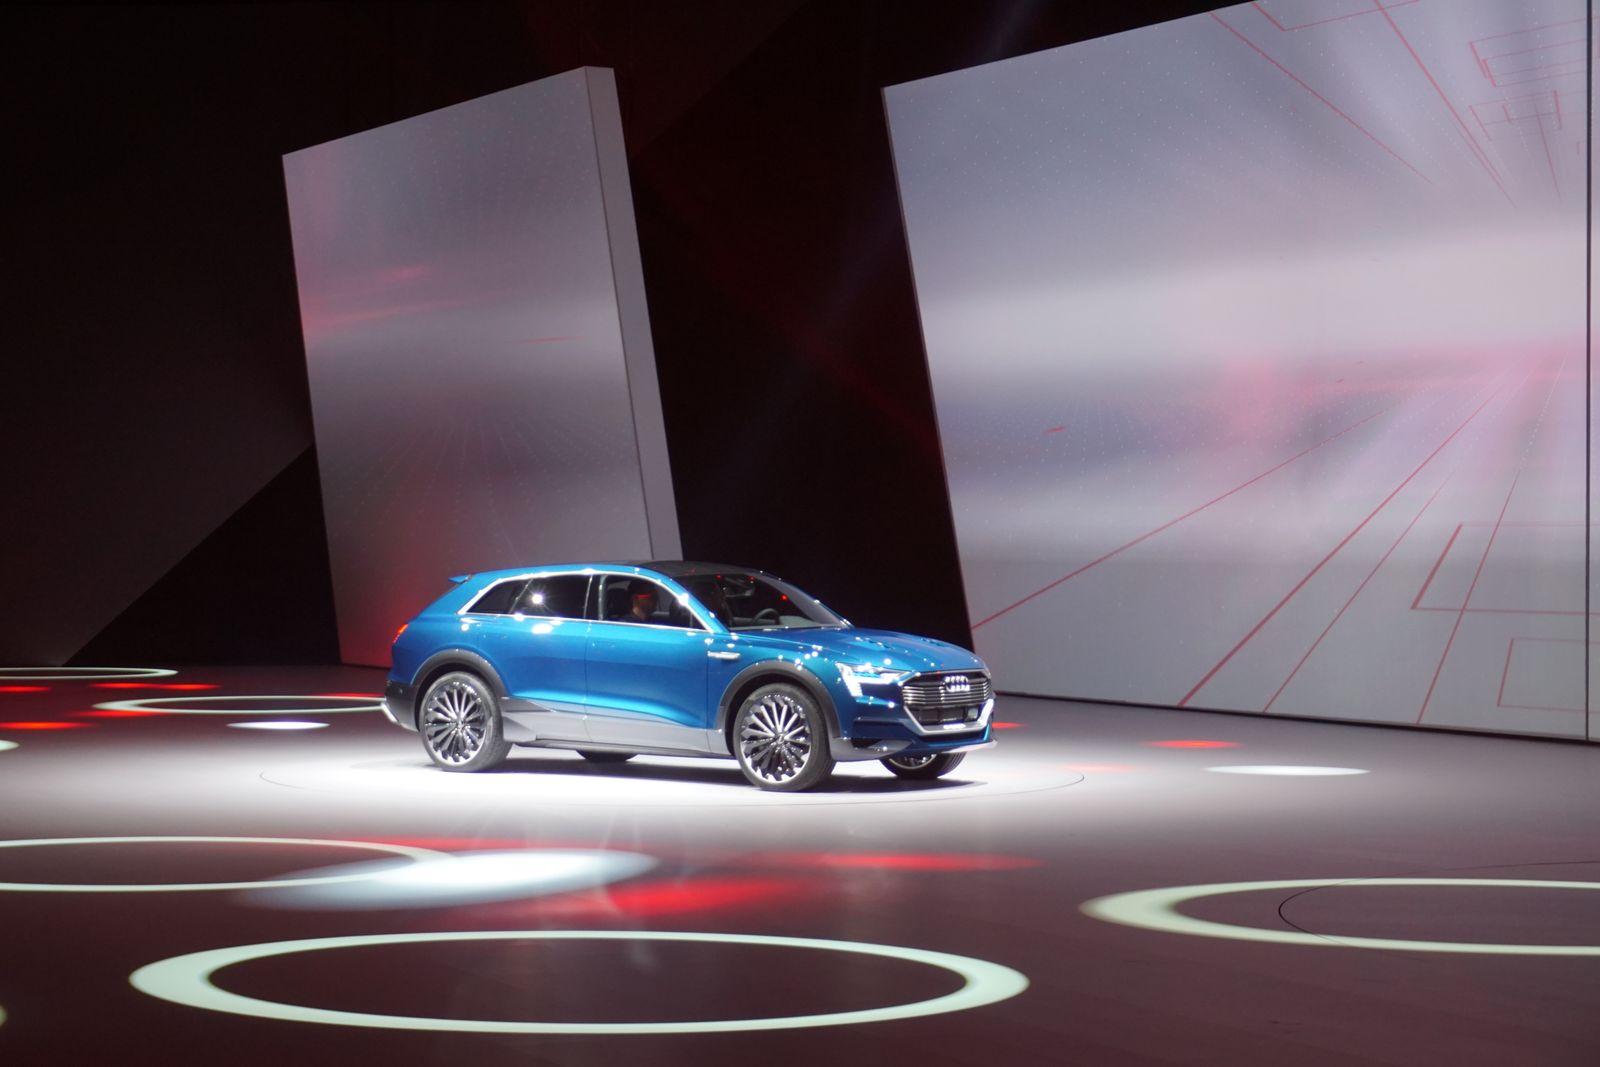 Volkswagen / Audi e-tron Quattro Concept